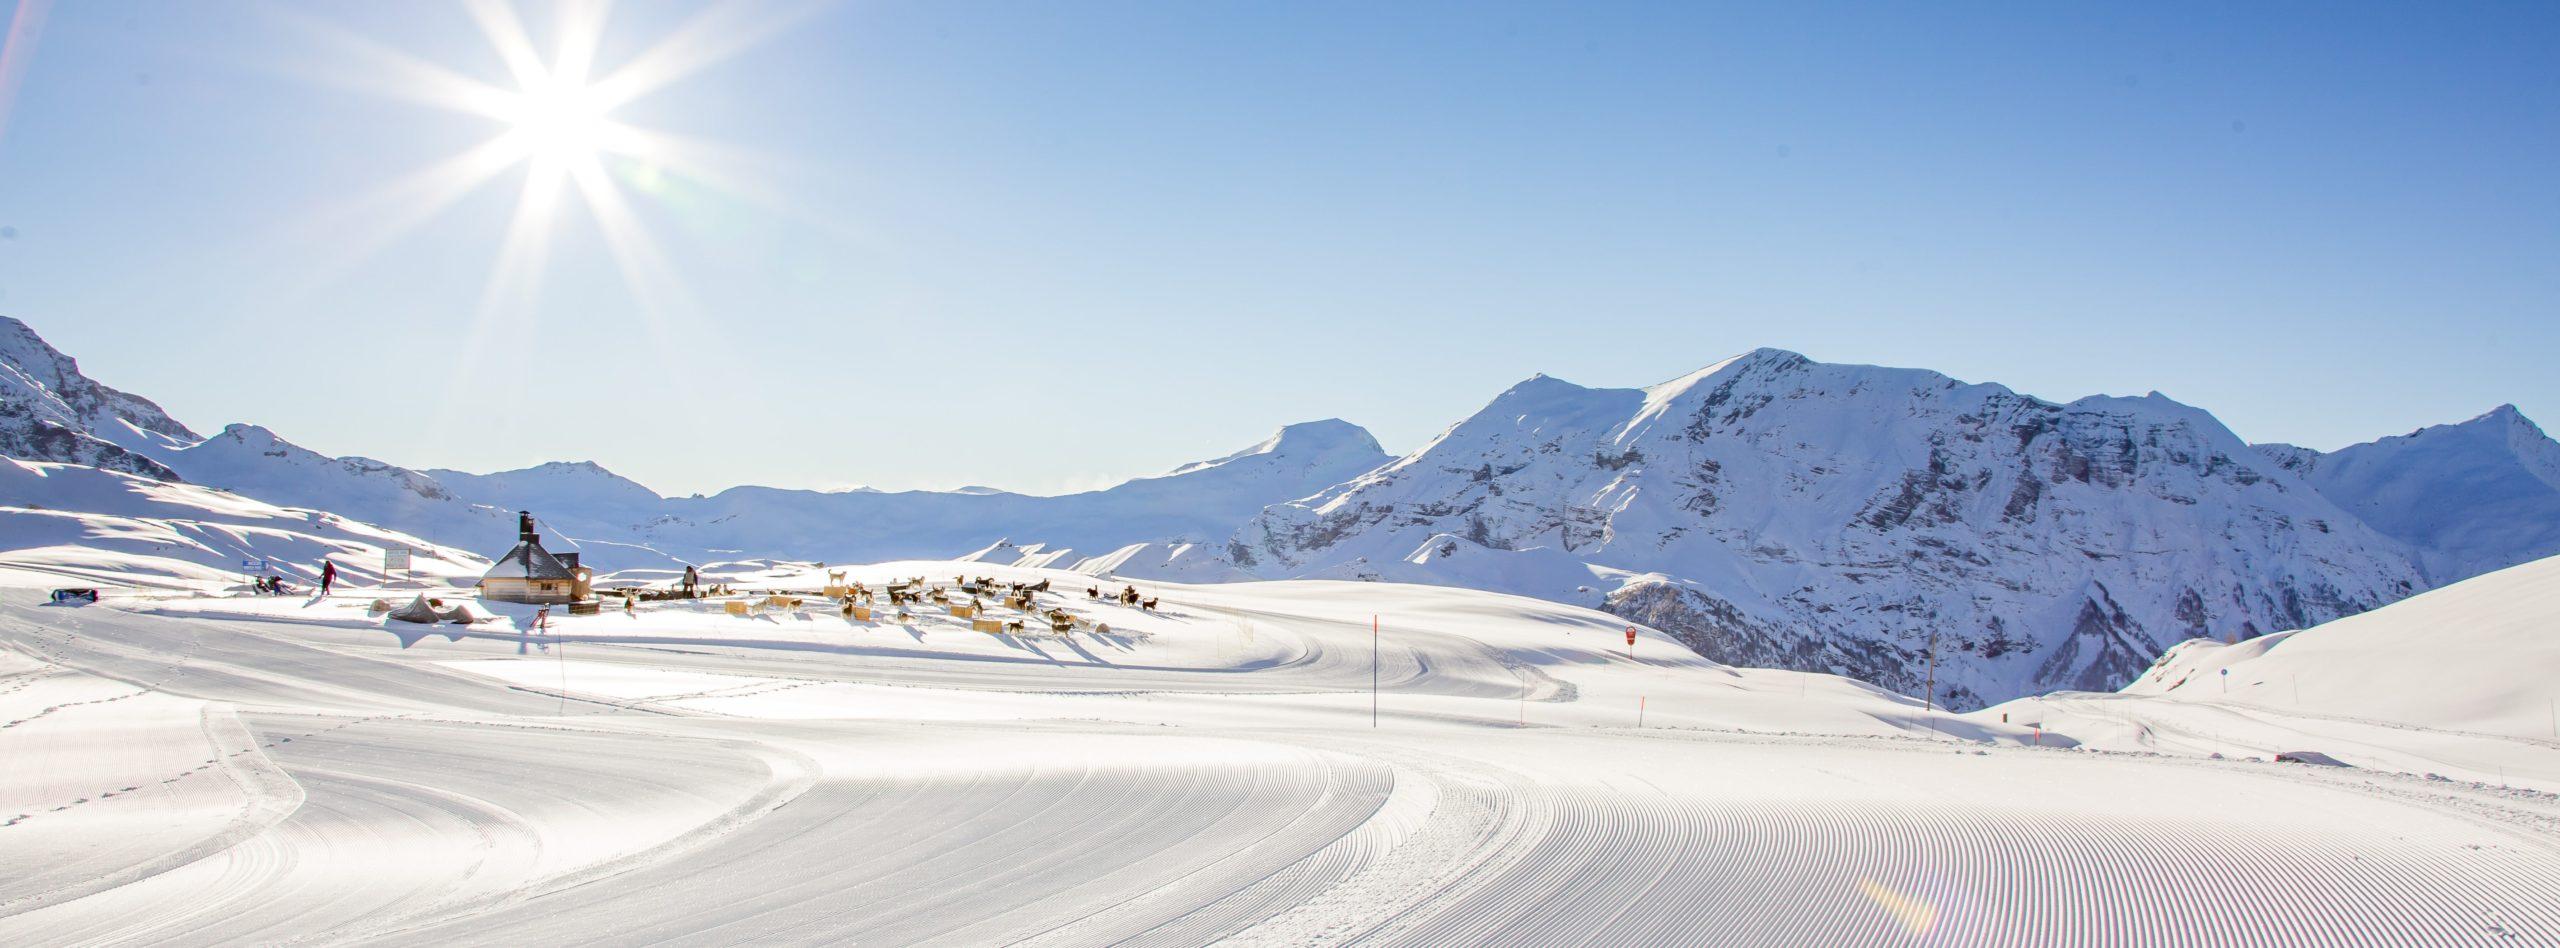 Village Williwaw Alpi Traineau Orcieres Merlette 1850 Champsaur Hautes Alpes Alpi Traineau Chiens de traineaux